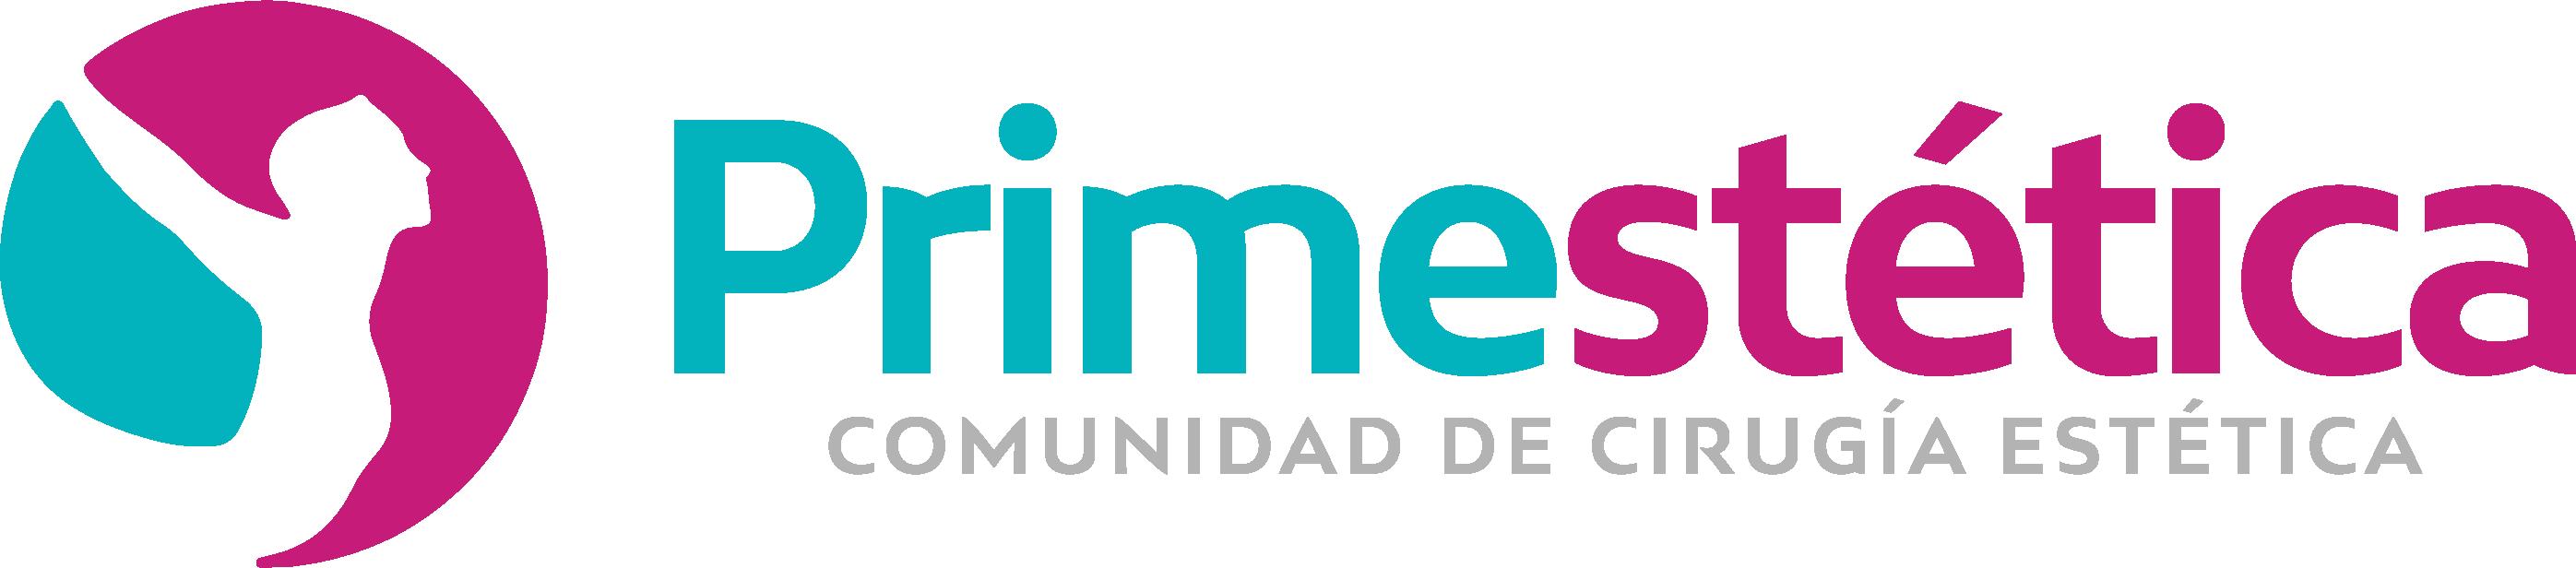 primestetica logo